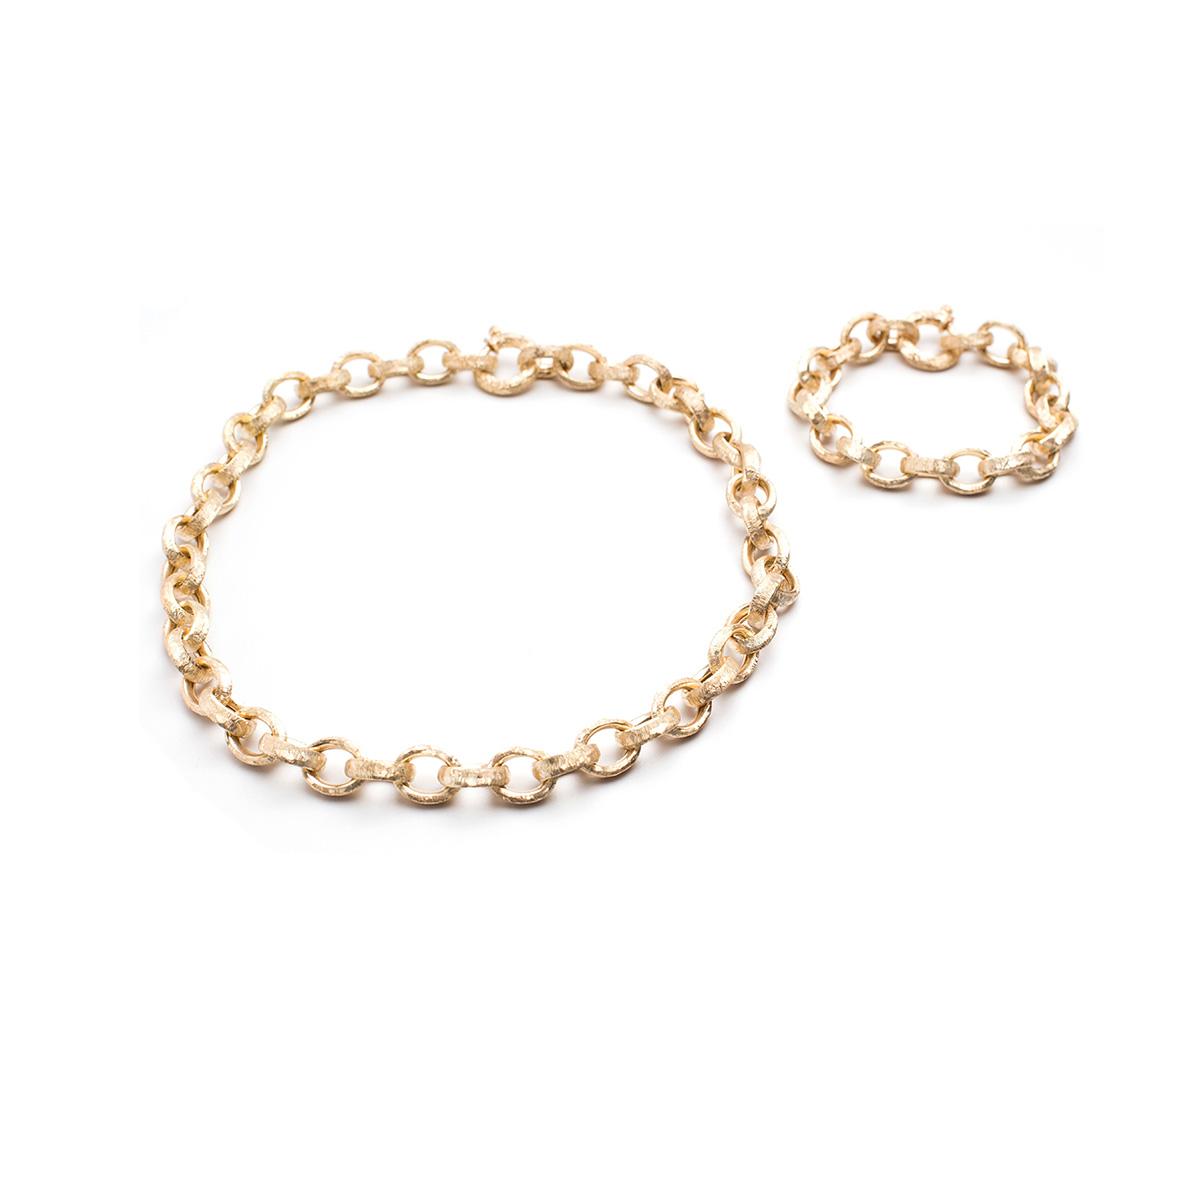 Linea italia braccialetto italian collection fatto a mano